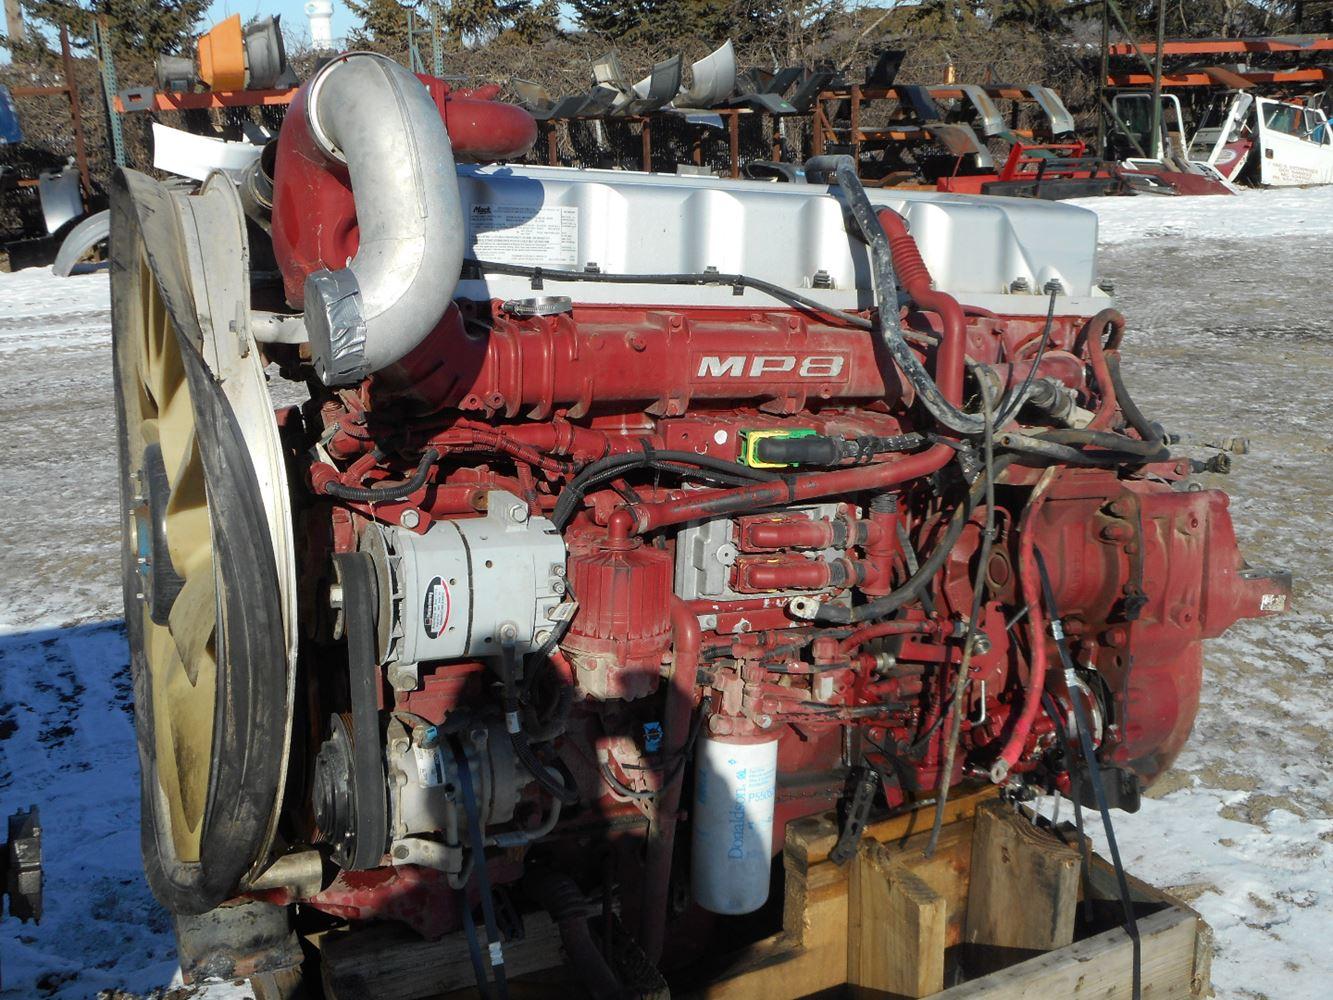 Mack camshaft Repair